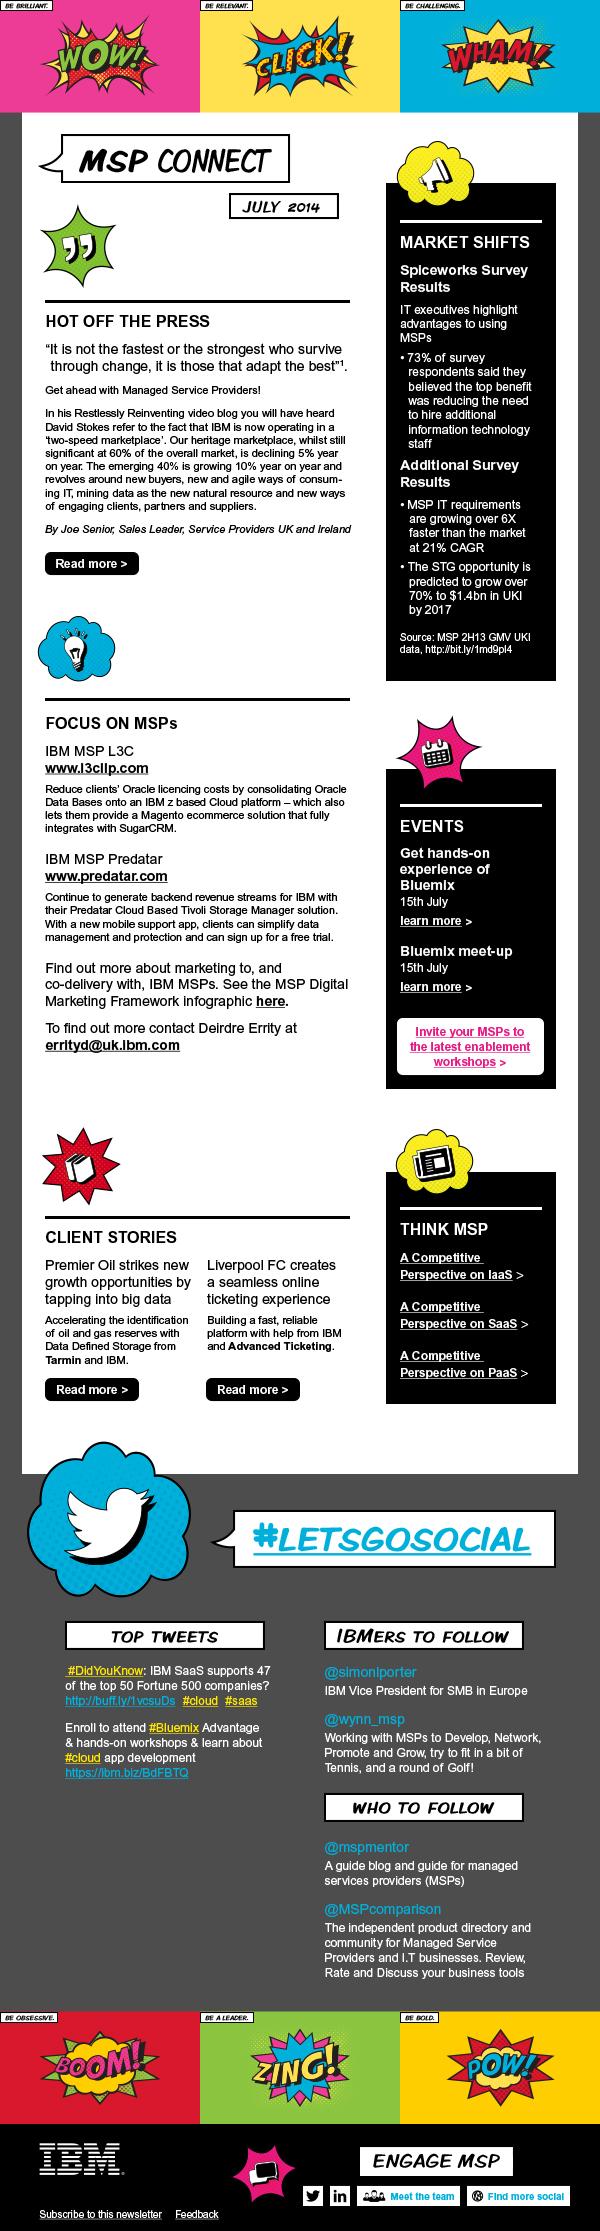 IBM e-newsletter template | Email marketing | Pinterest | Newsletter ...